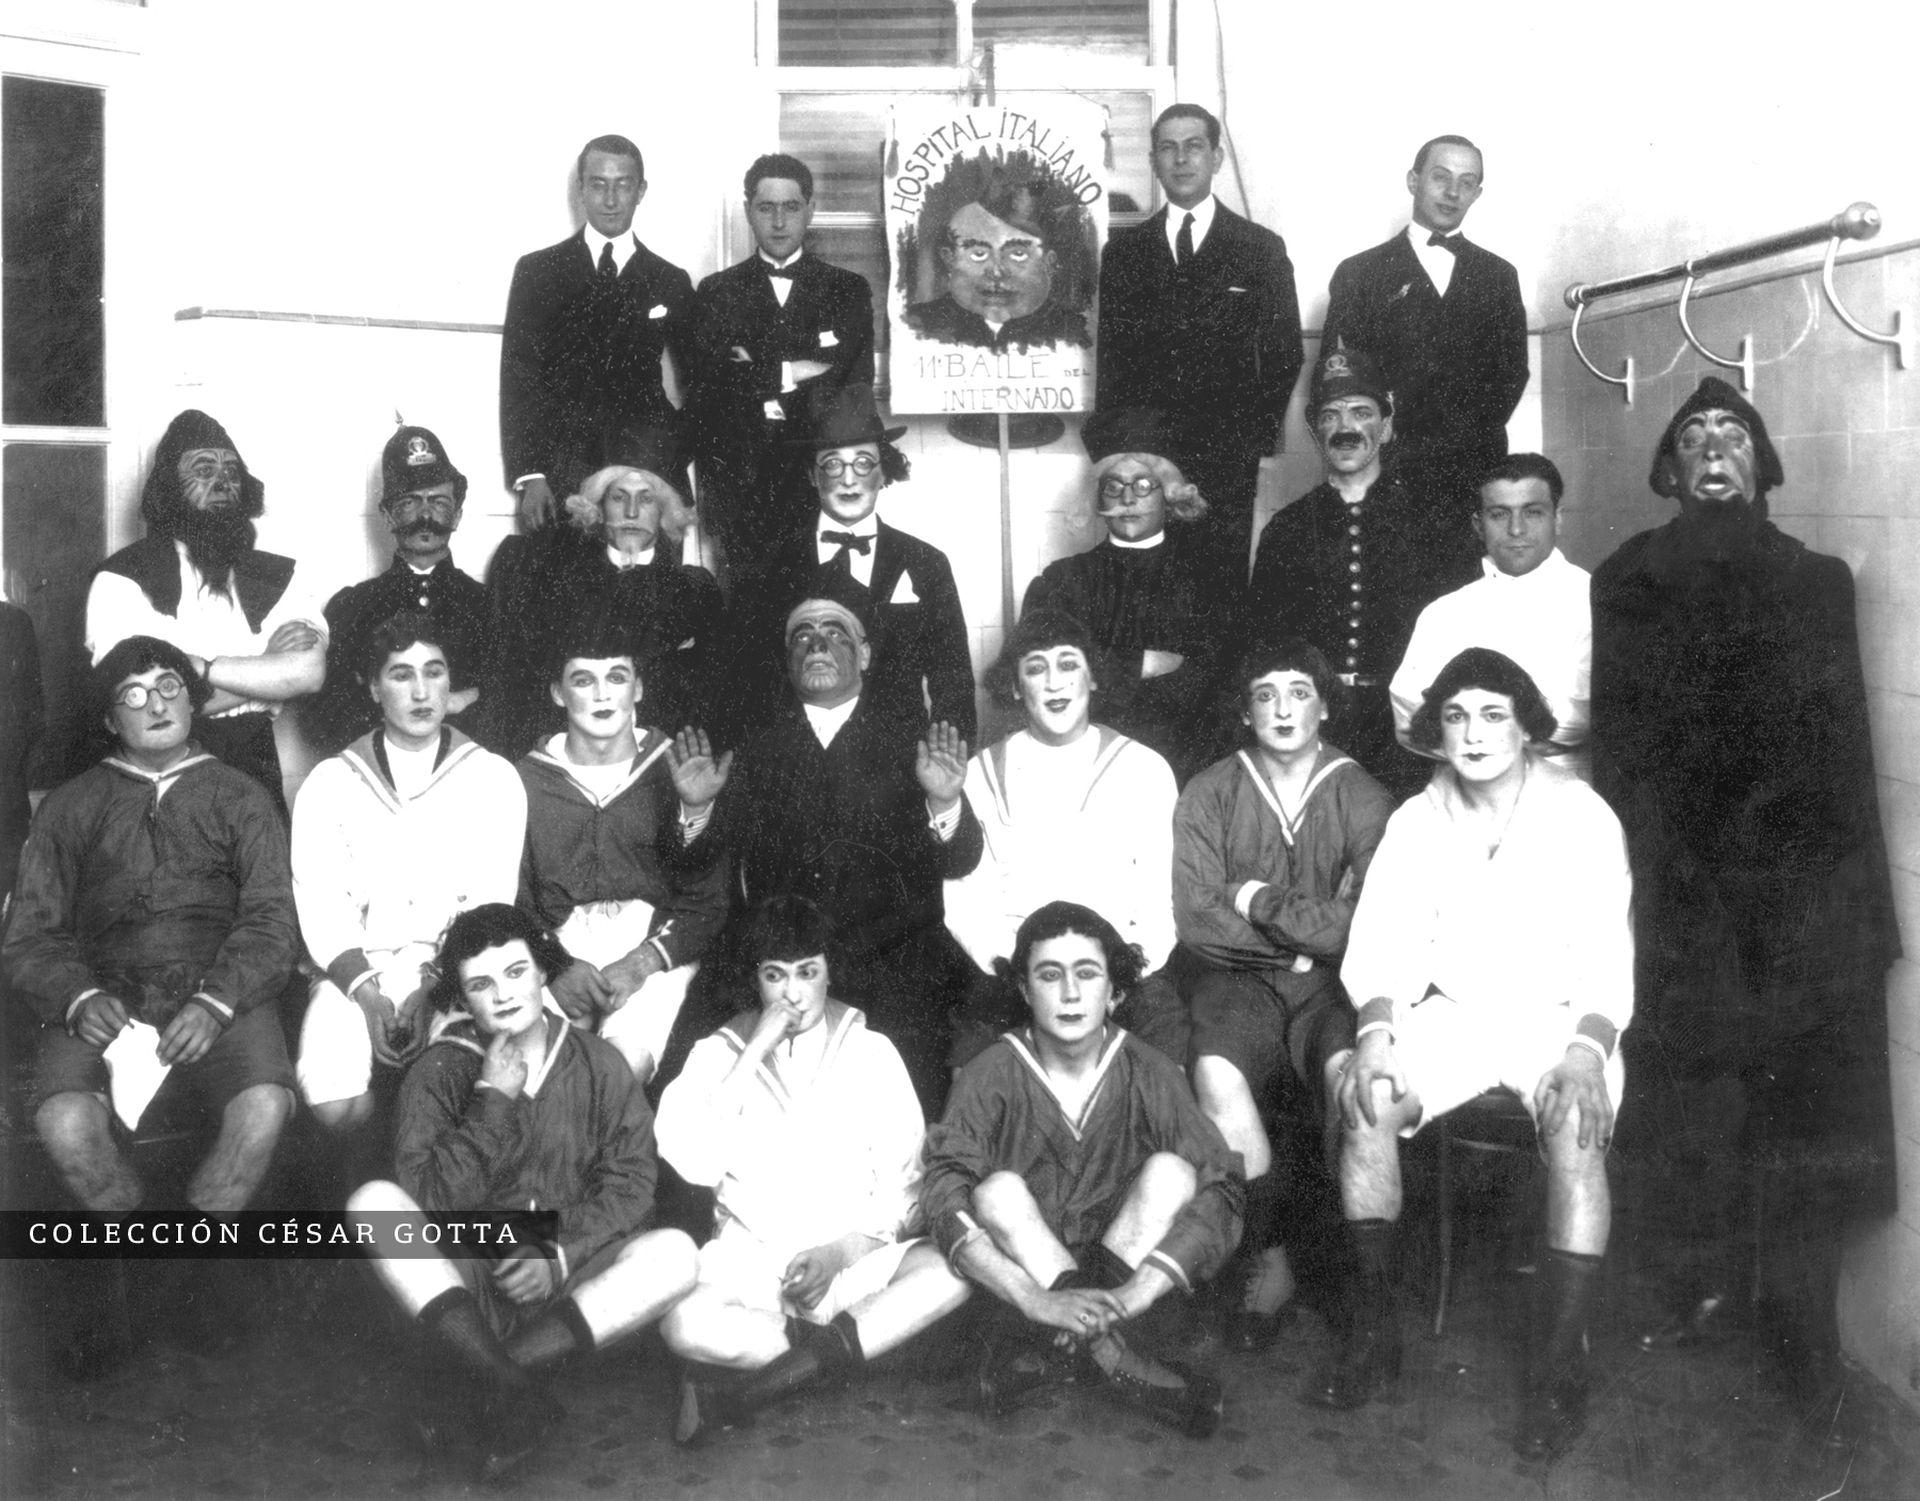 Estudiantes del Hospital Italiano en ocasión del último Baile del Internado, en 1924.